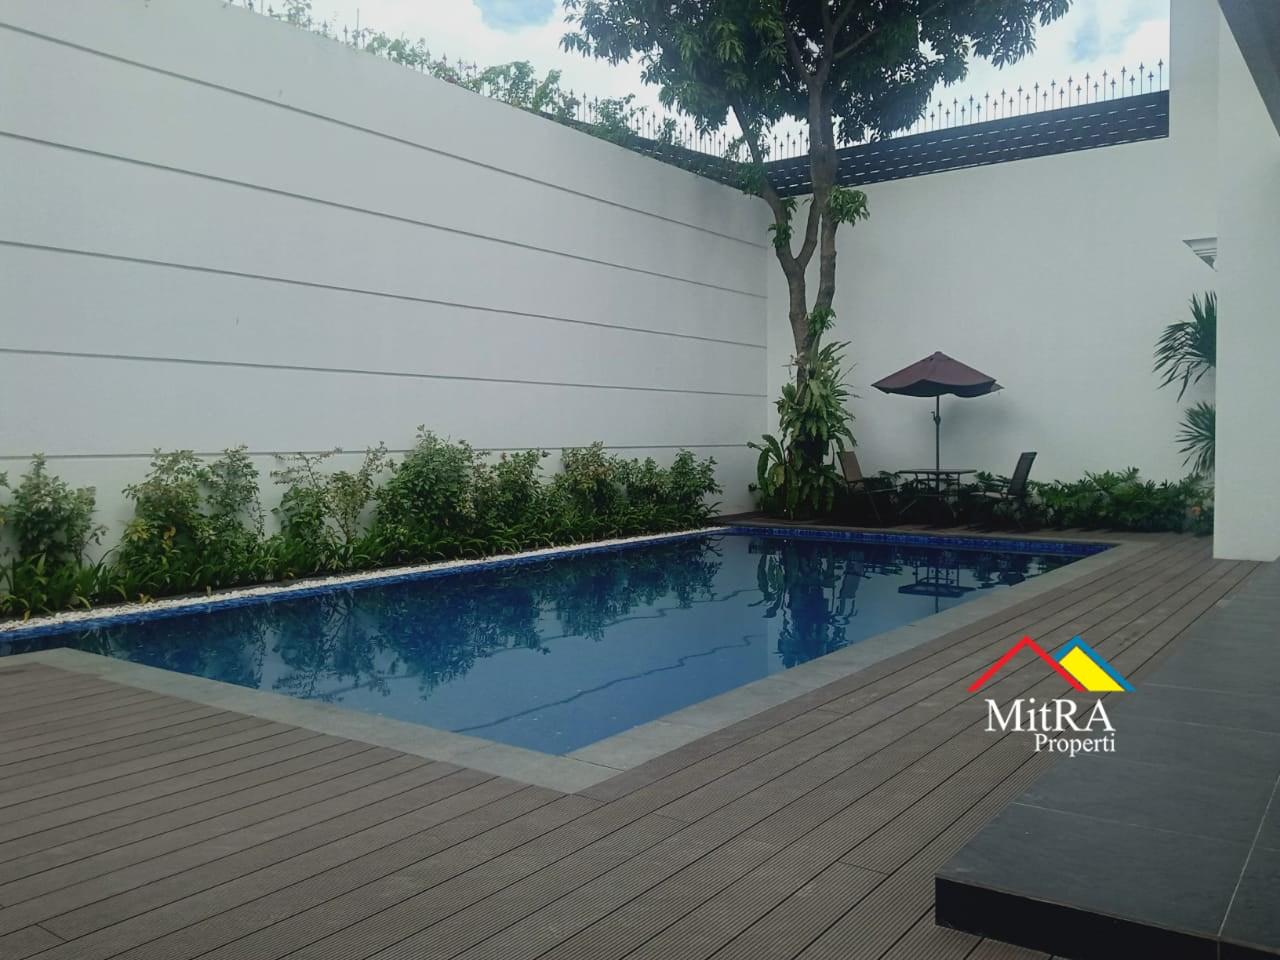 Rumah Super Mewah Classic di Pondok Indah Jakarta Selatan - 11